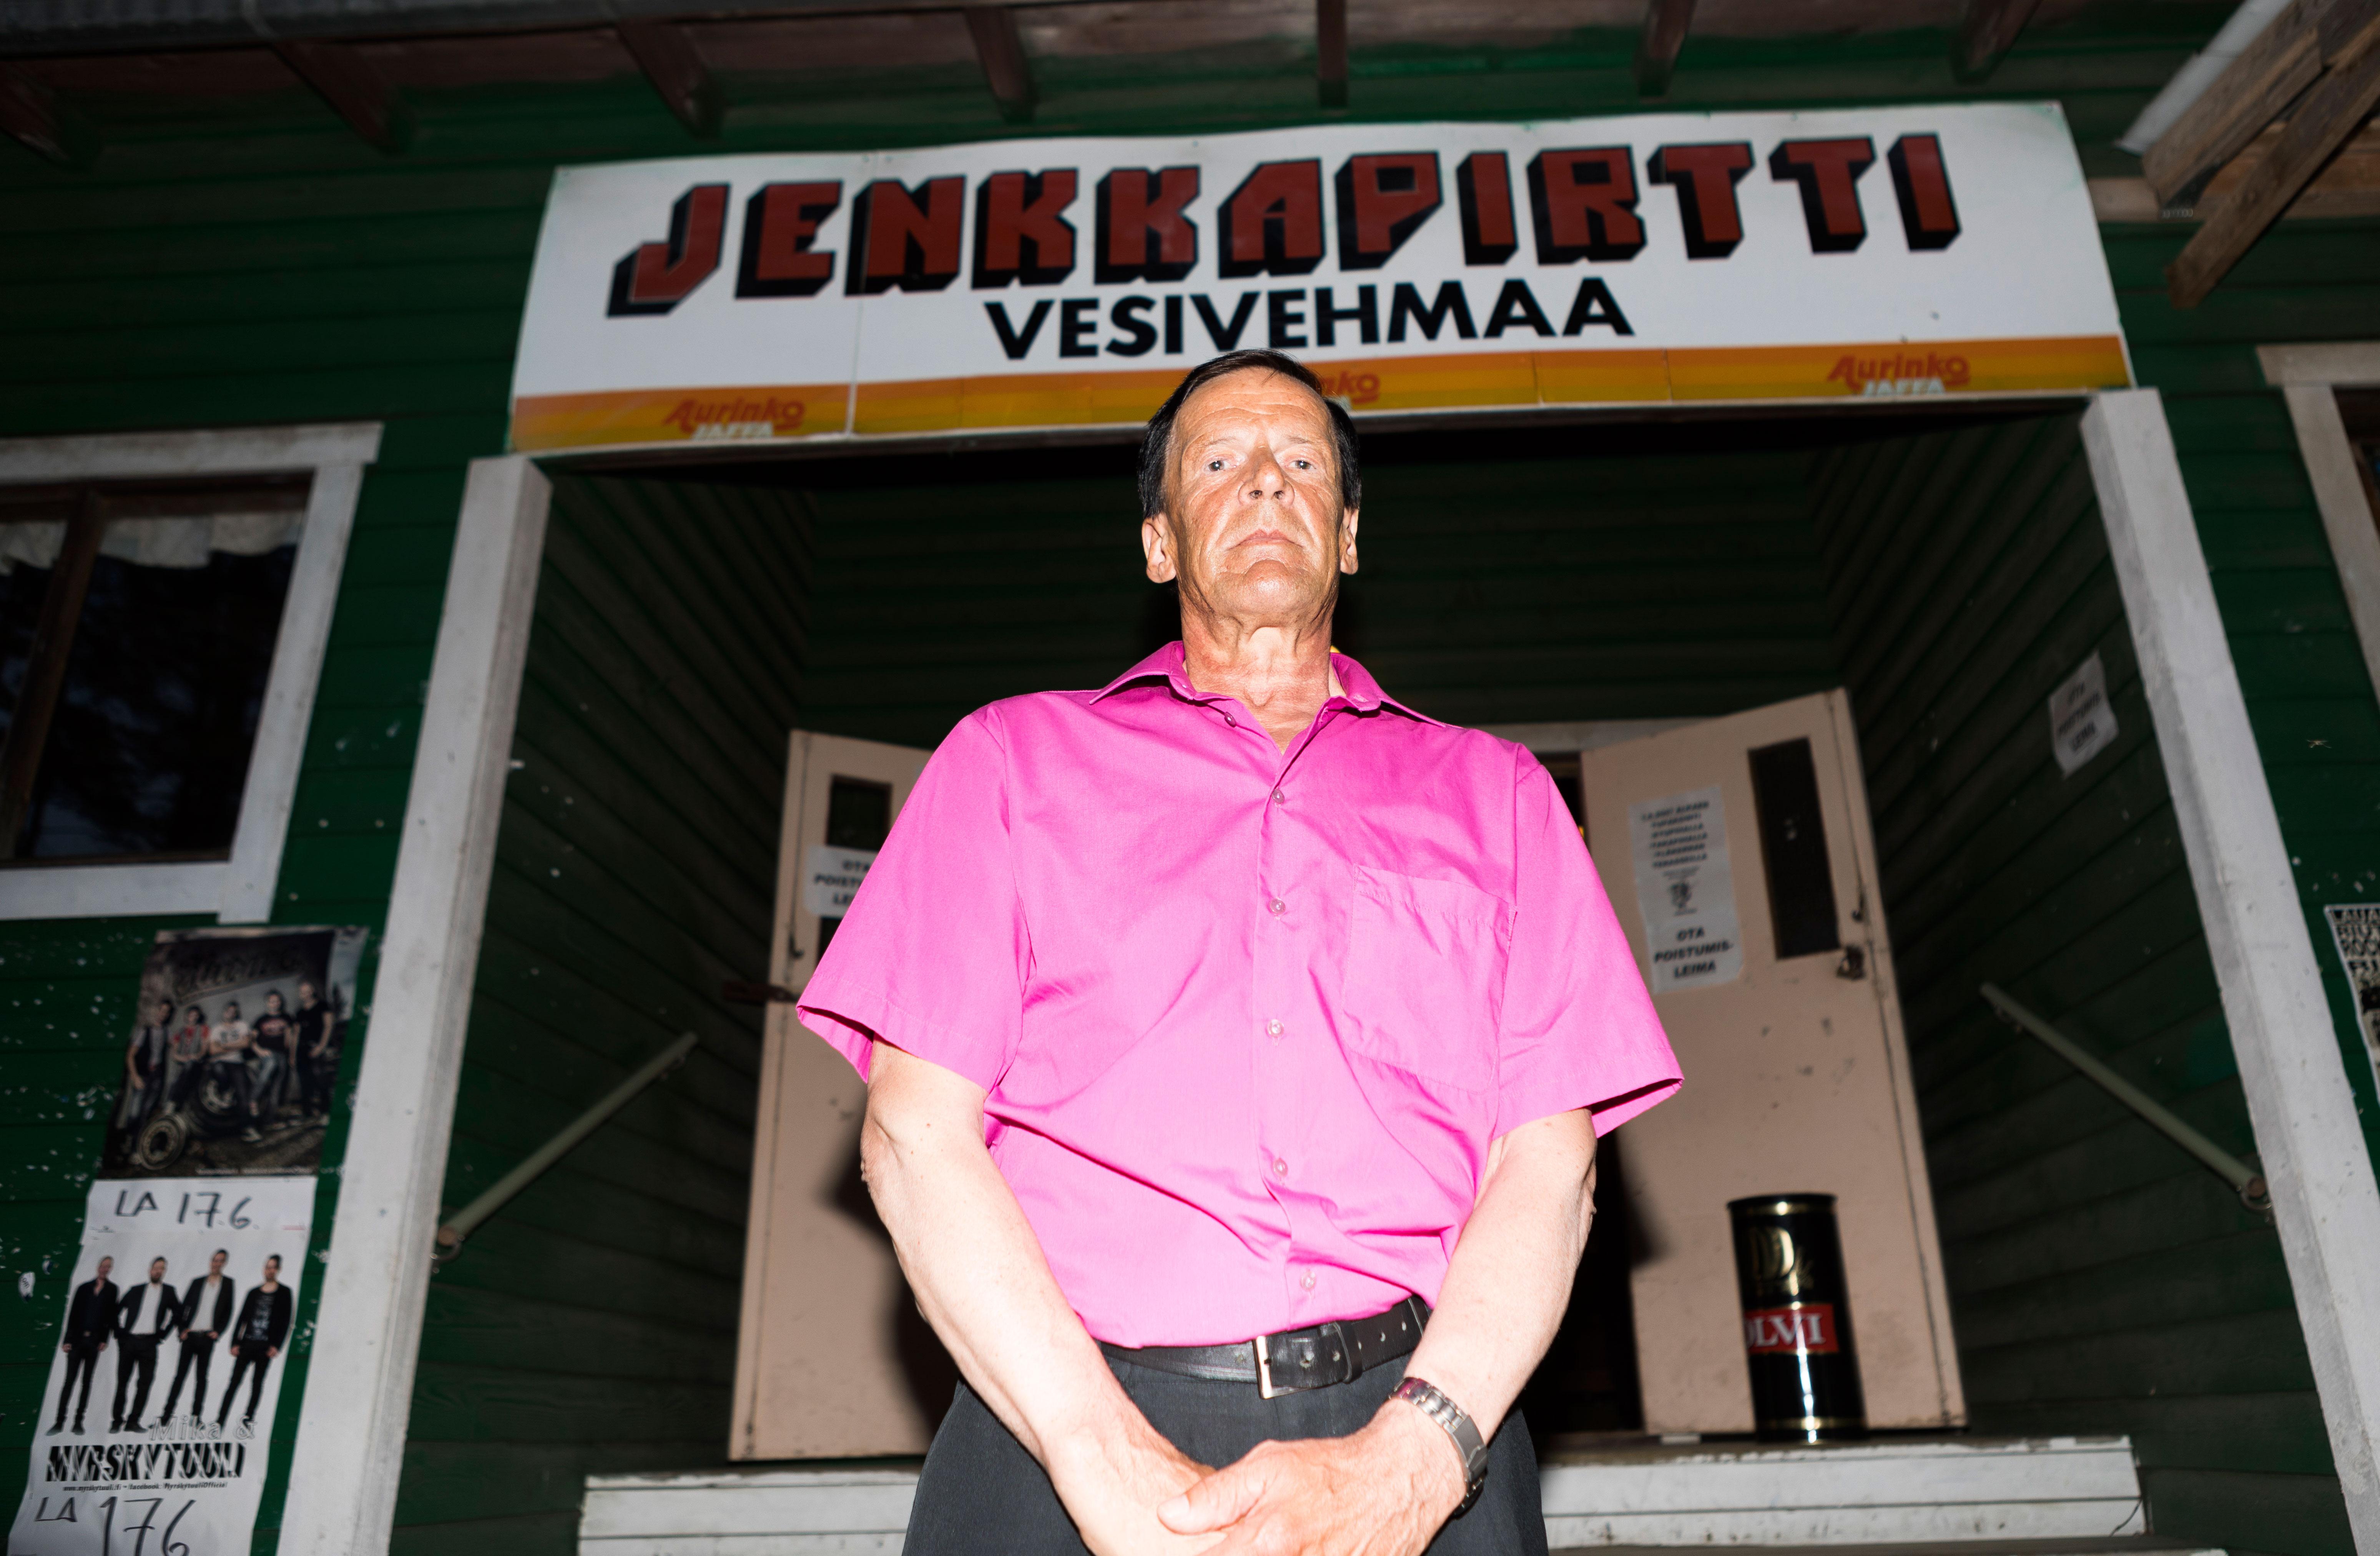 Markku Aron tanssilavakeikka Vesivehmaan Jenkkapirtillä.